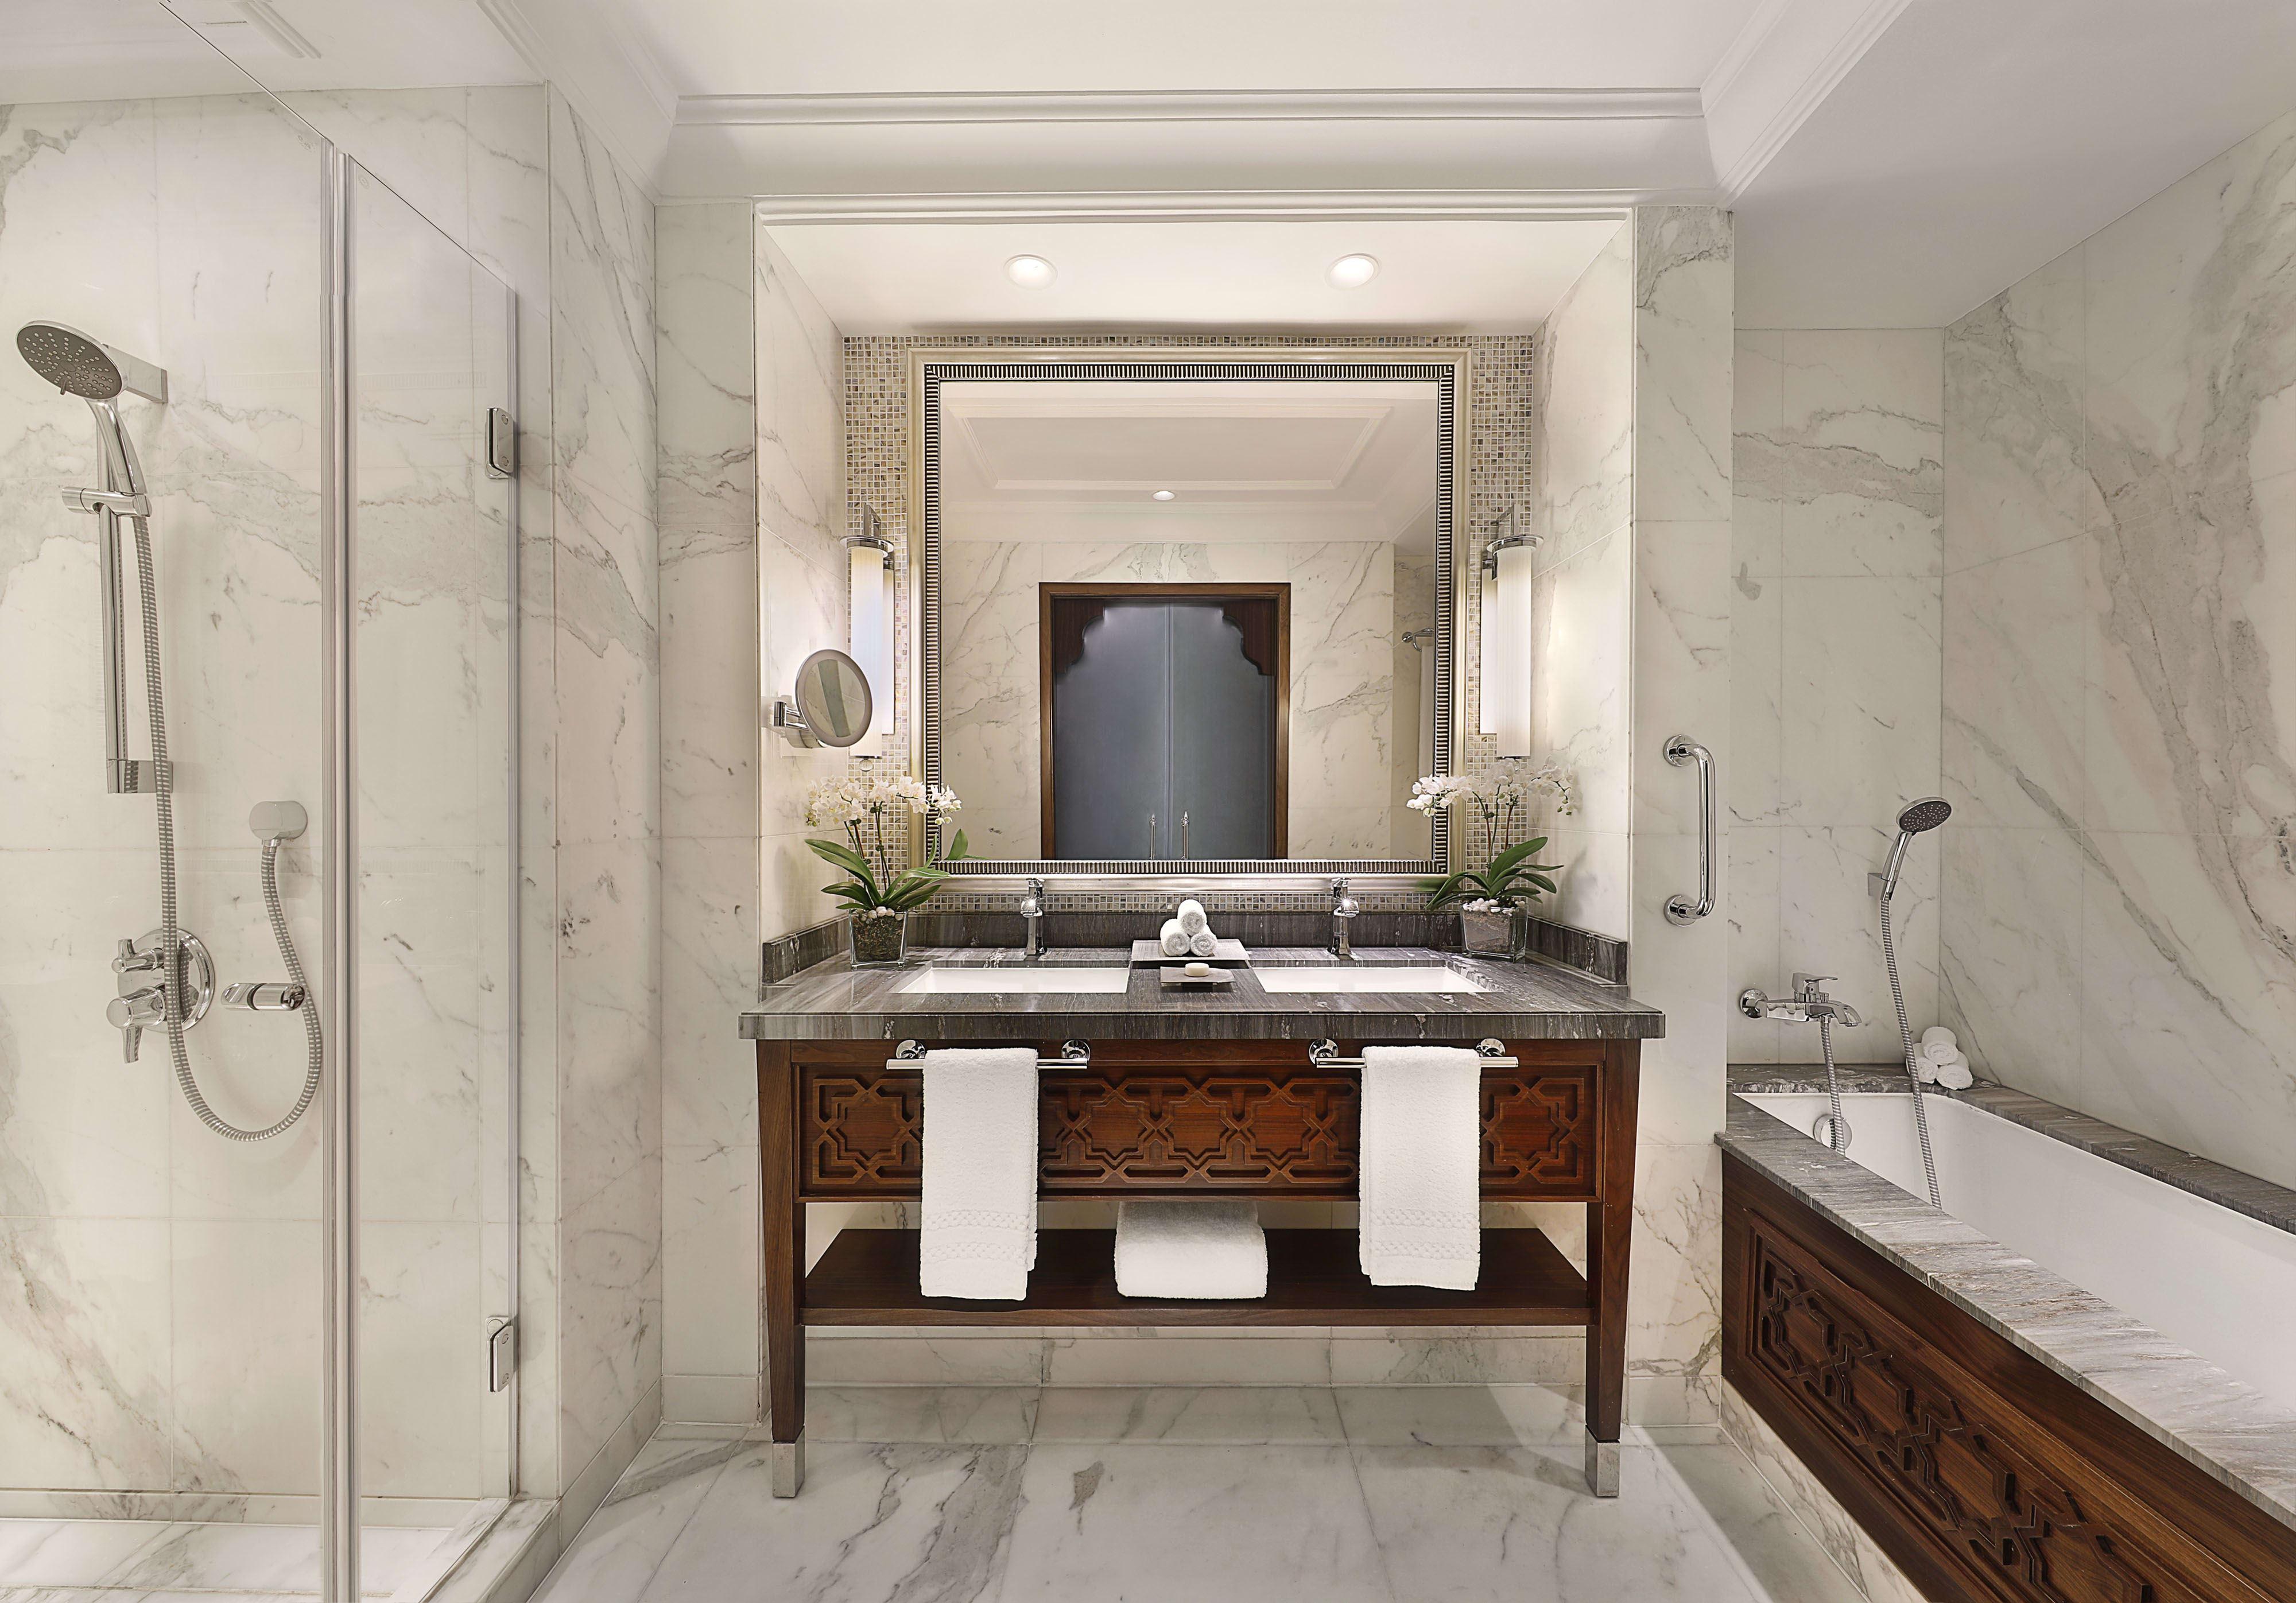 Deluxe Room king bathroom